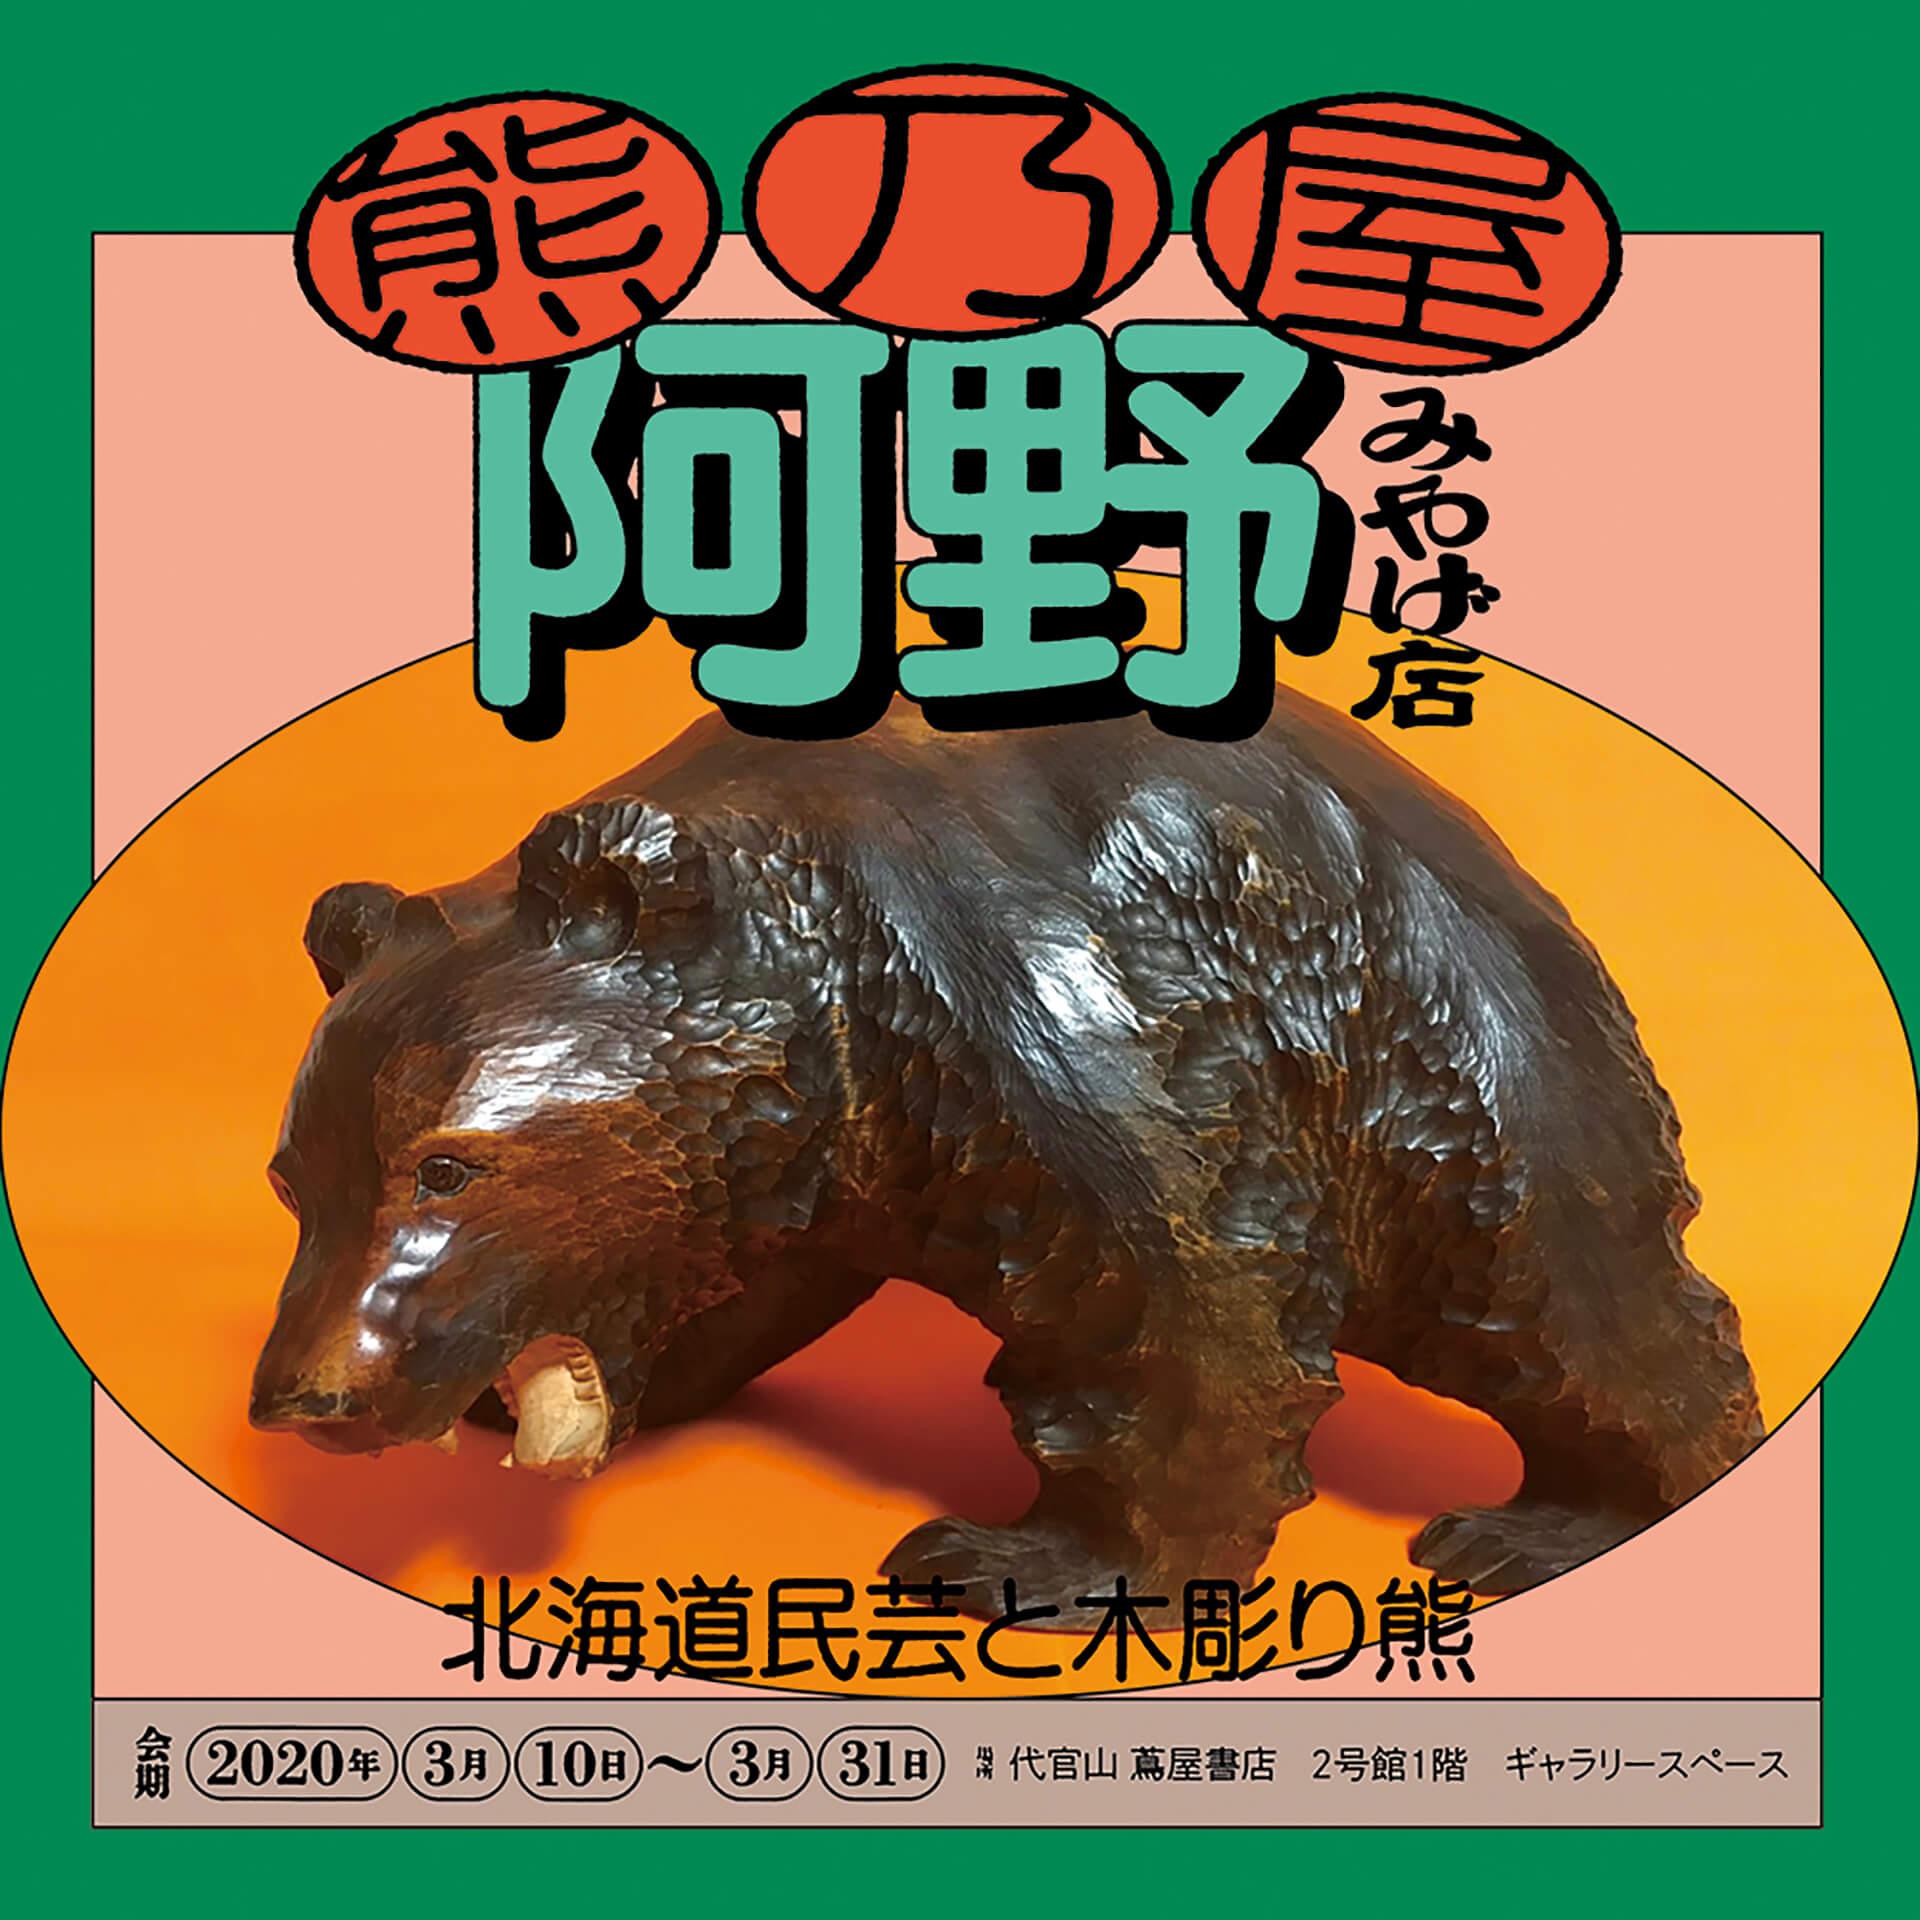 熊乃屋阿野みやげ店 ~北海道民芸と木彫り熊~ バナー